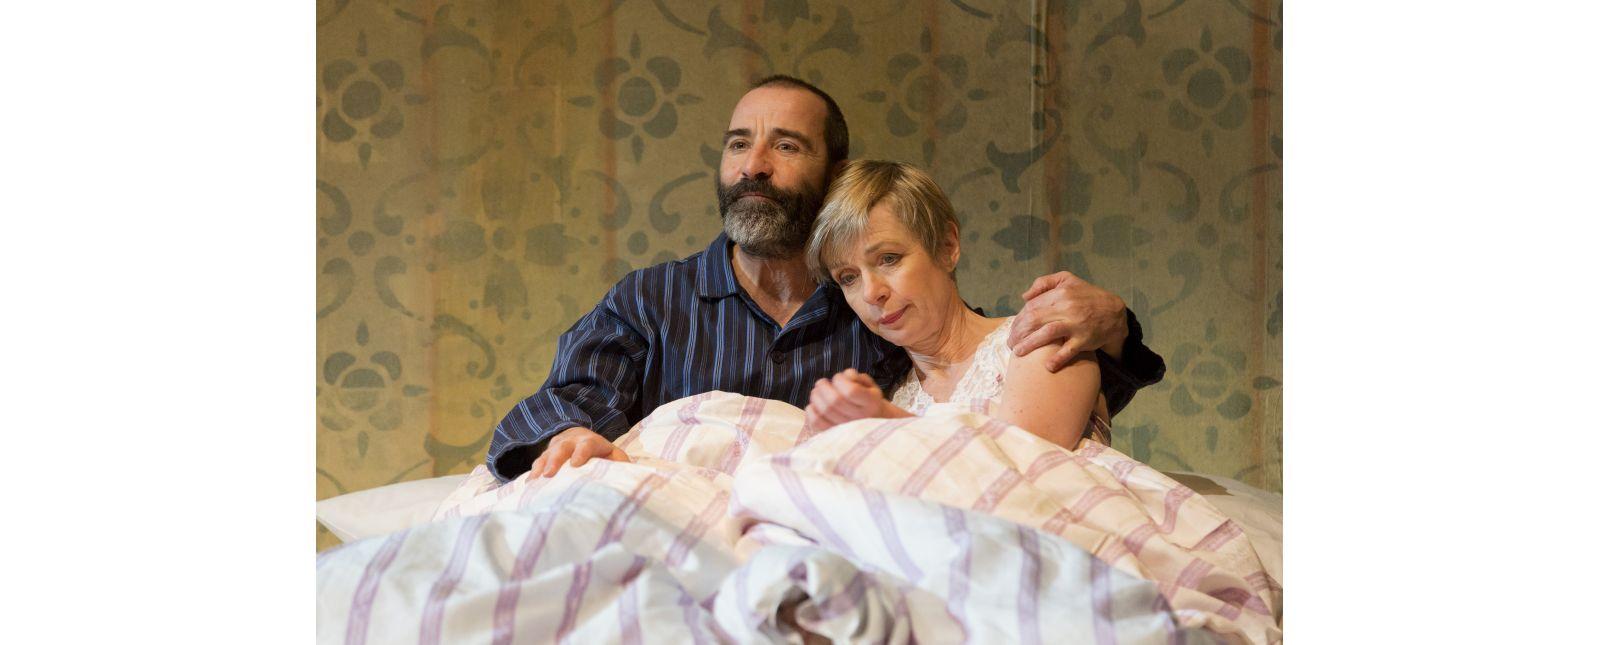 Drei Winter // Henry Meyer, Anna Stieblich // Rainer Muranyi // 2018